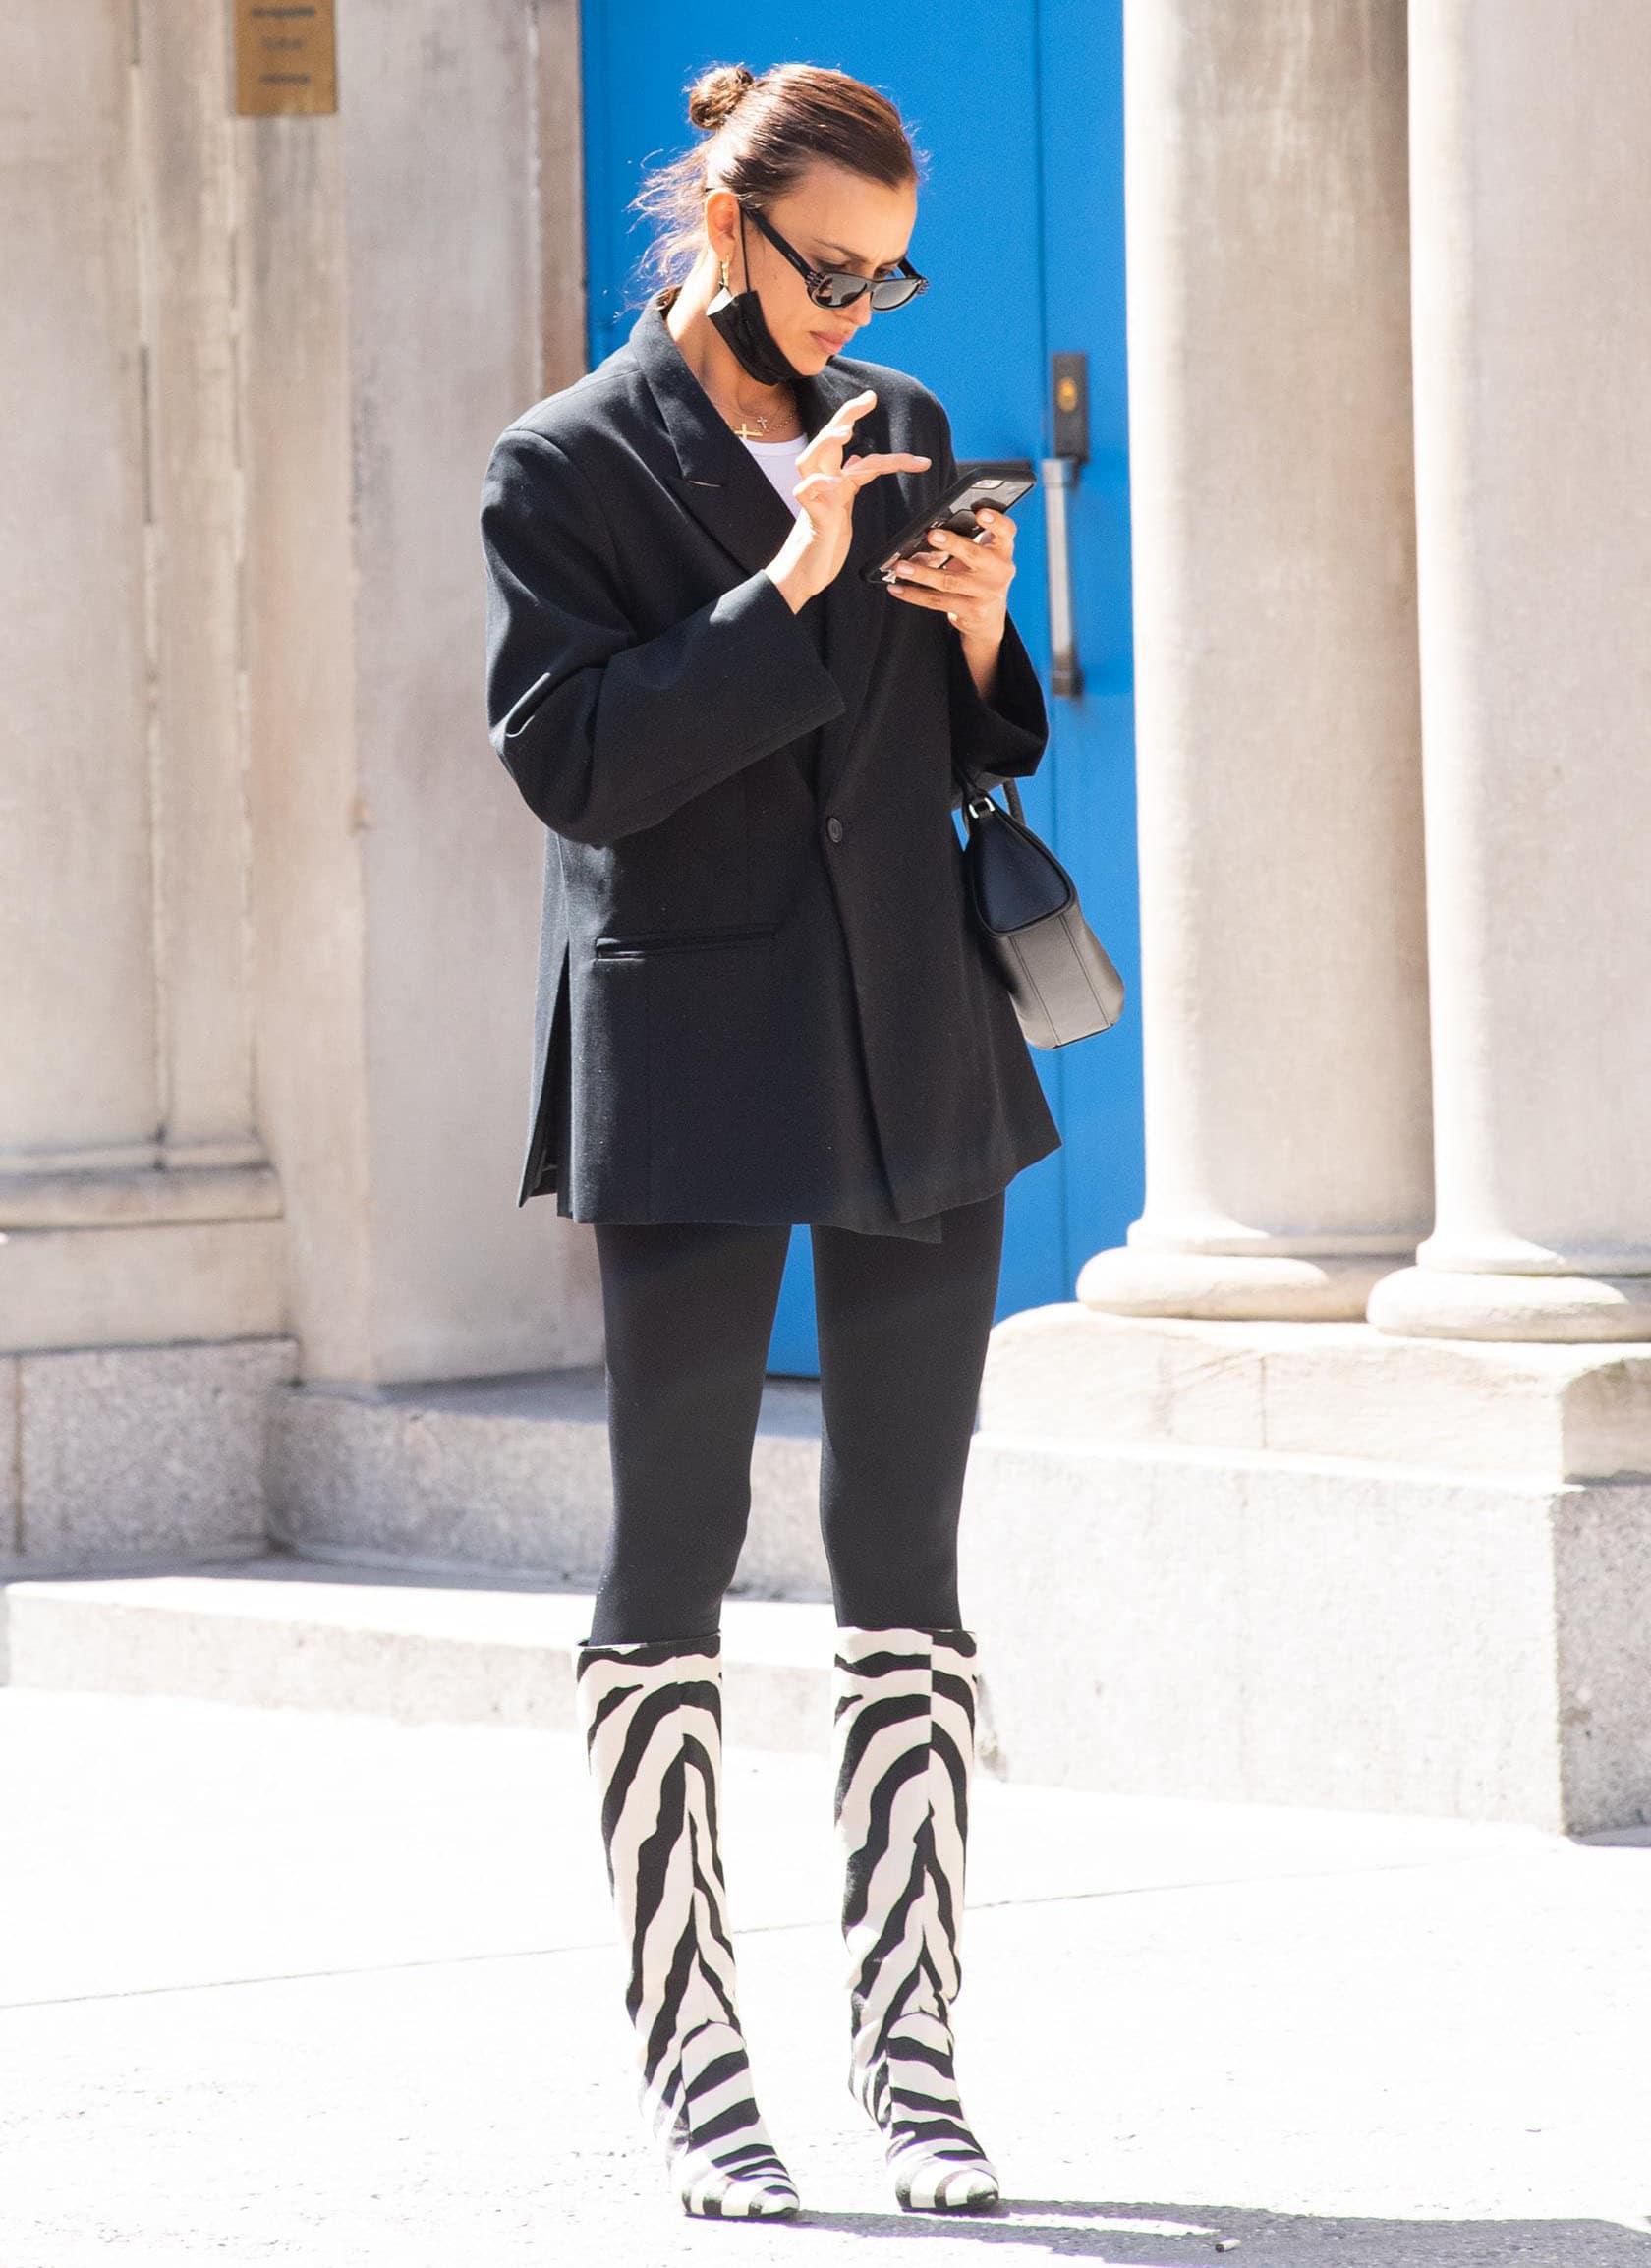 Irina Shayk layers up in Paris Georgia boxy blazer with white tee and Calzedonia leggings